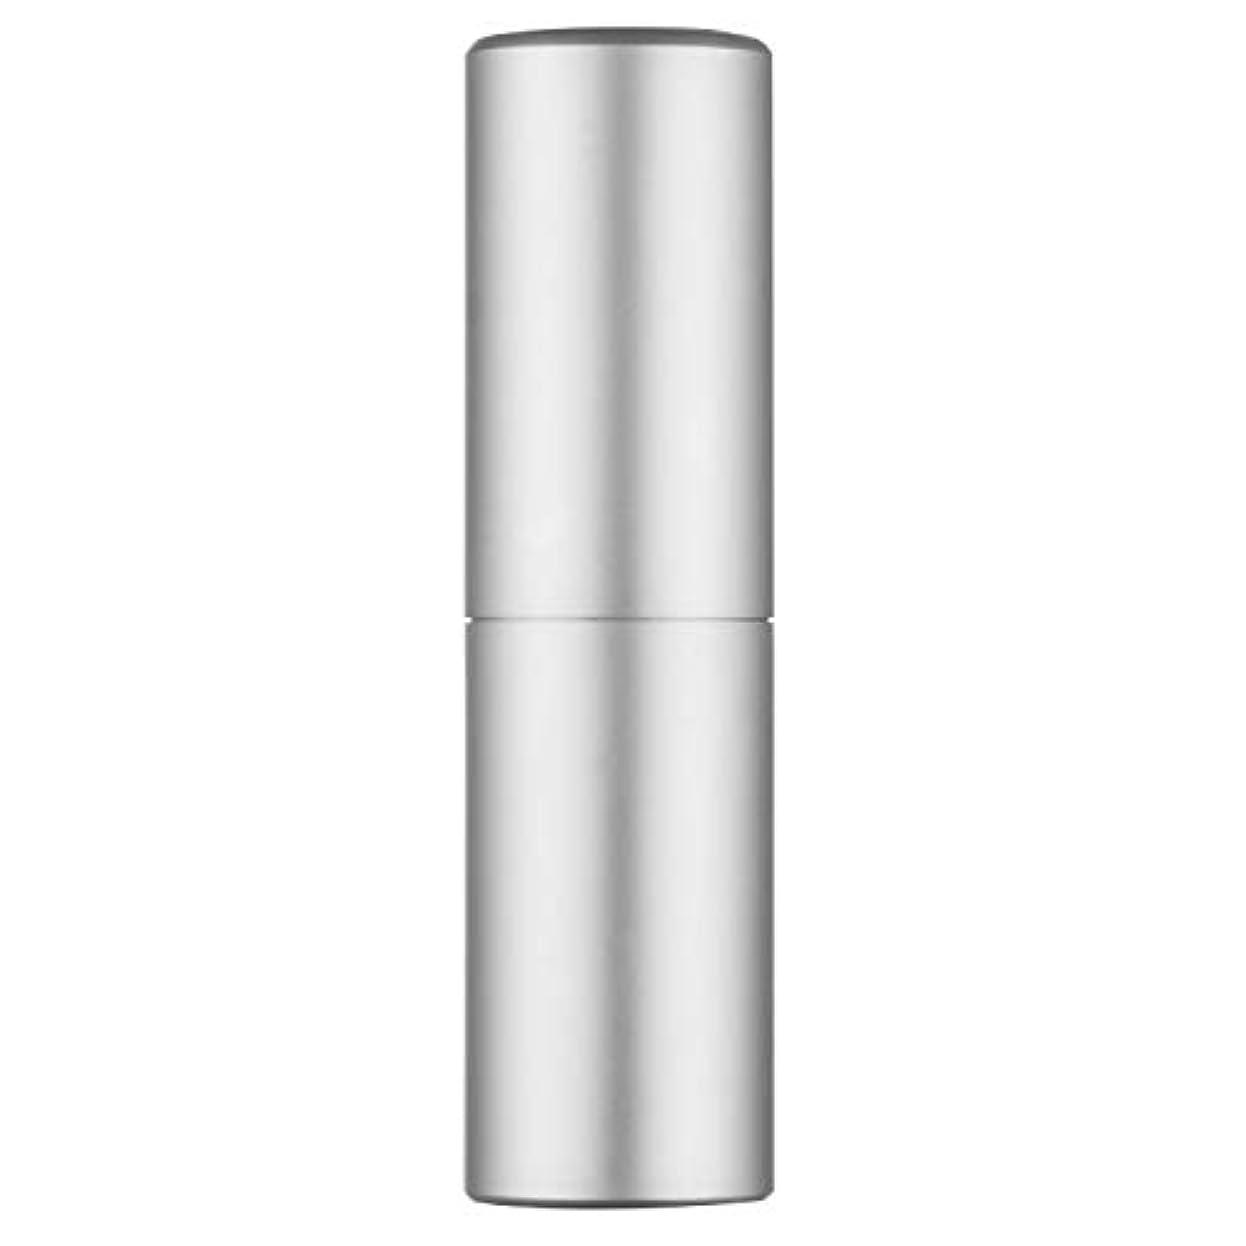 迫害する直径哲学的香水アトマイザー レディース スプレーボトル 香水噴霧器 20ml